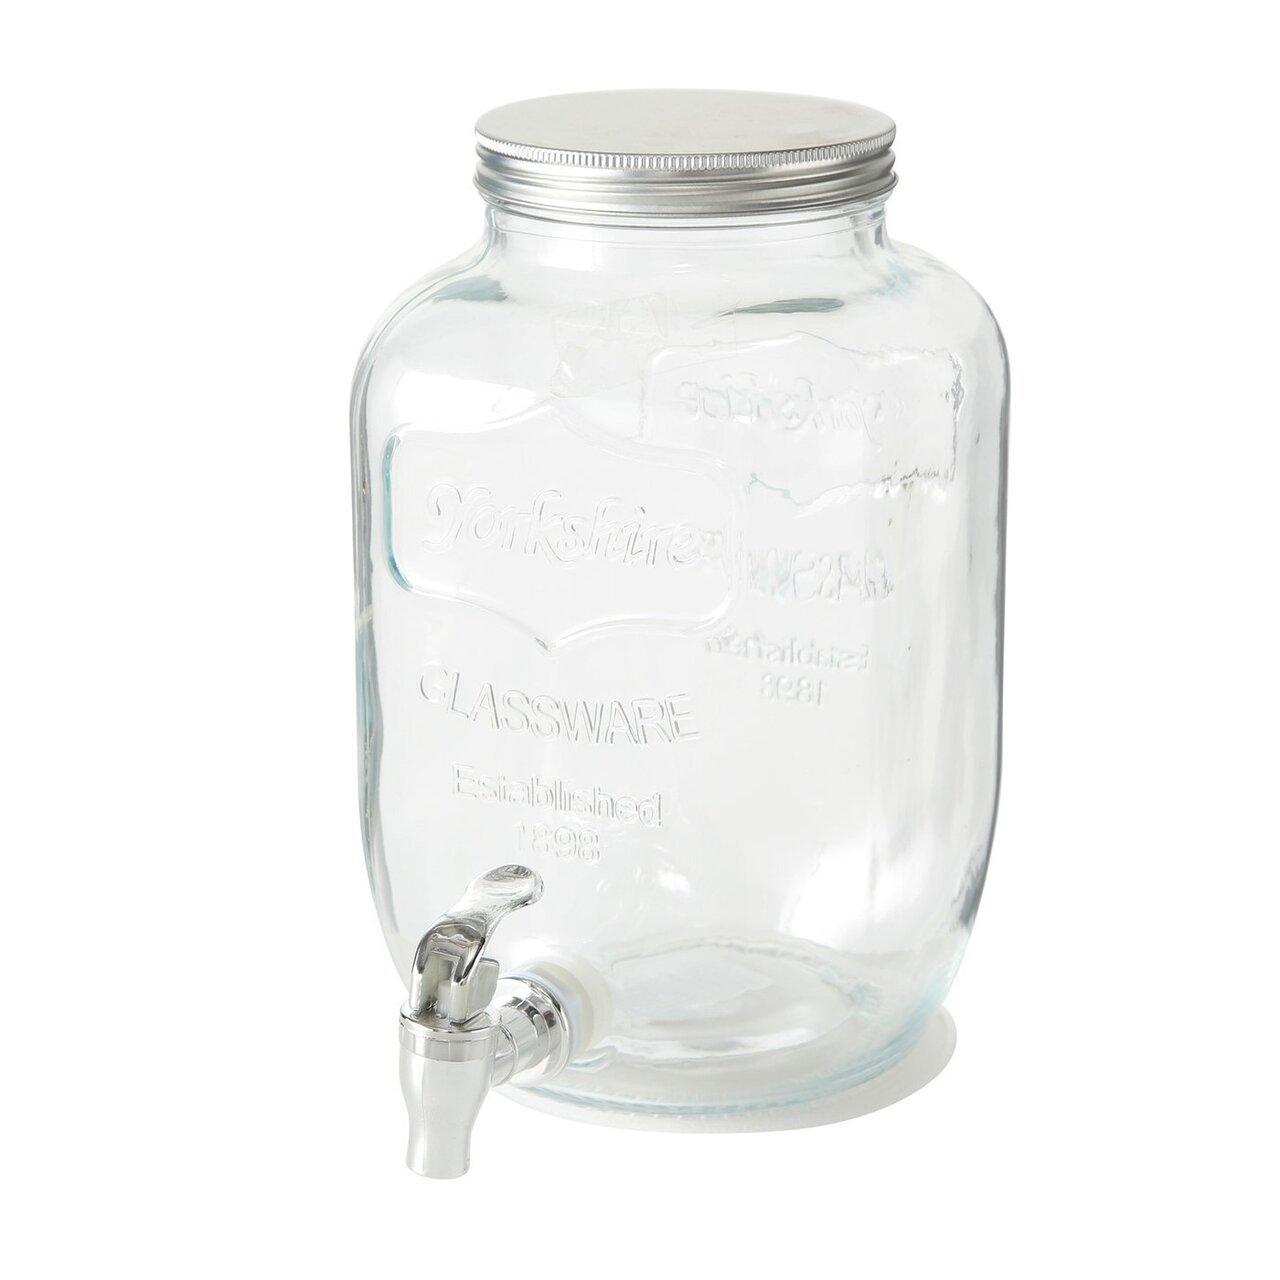 Boltze Getränkespender mit Hahn aus Glas